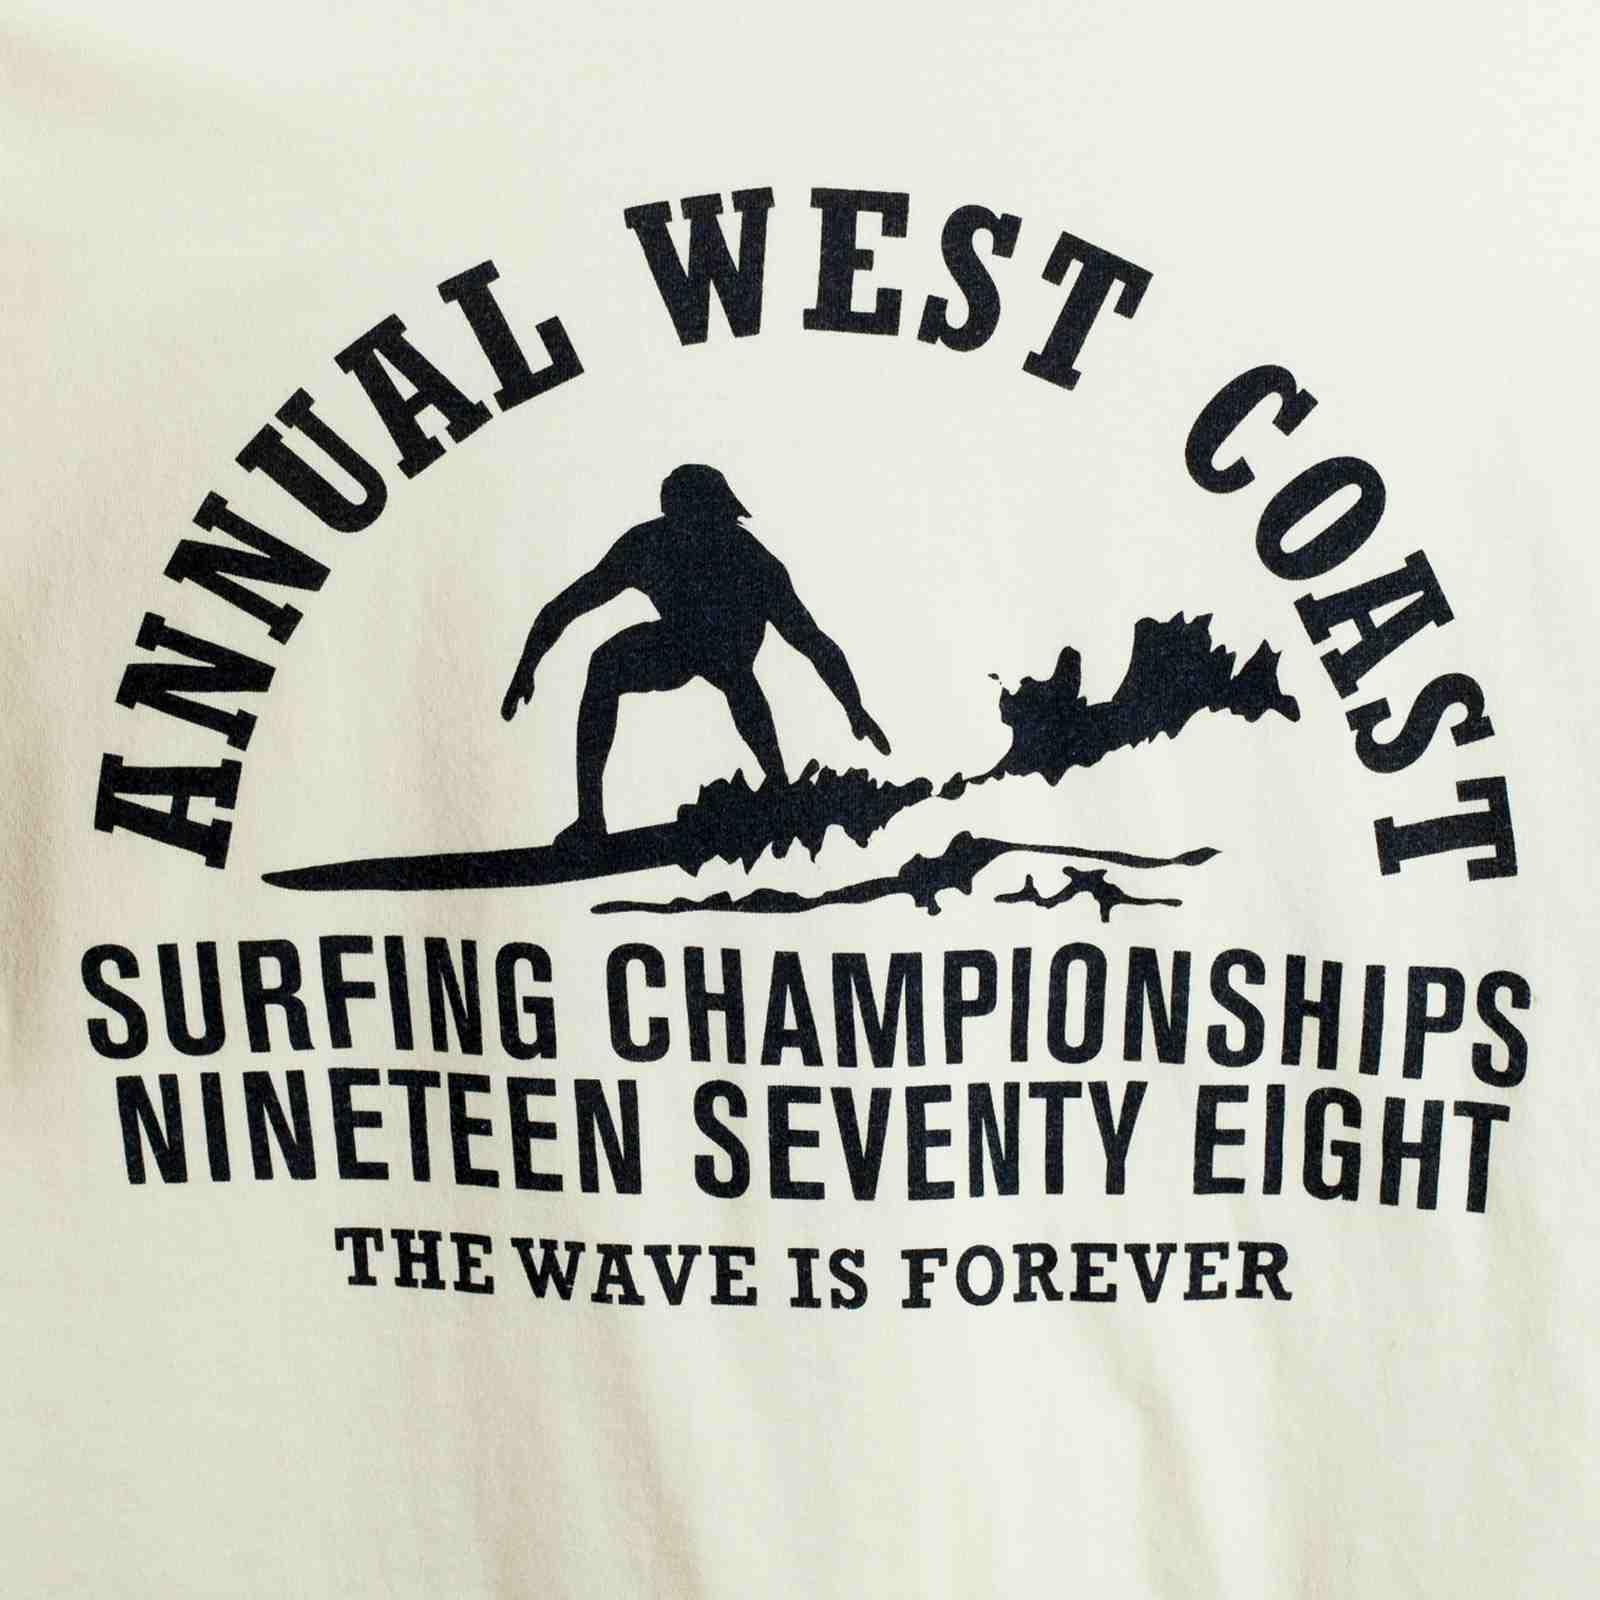 Футболка для сёрферов с принтом The Wave is forever-принт